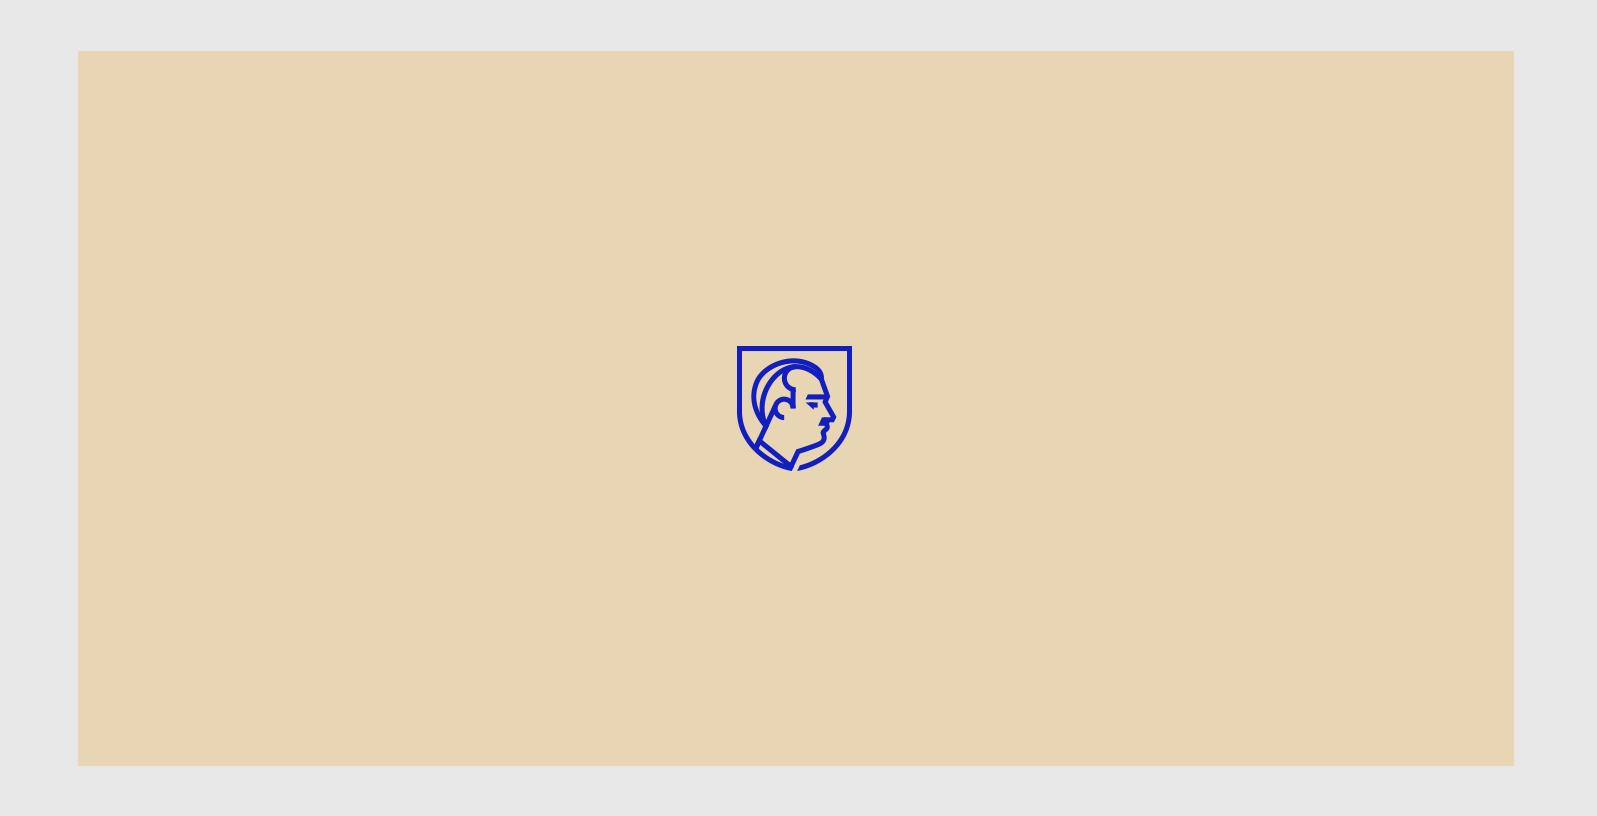 logos_01_04